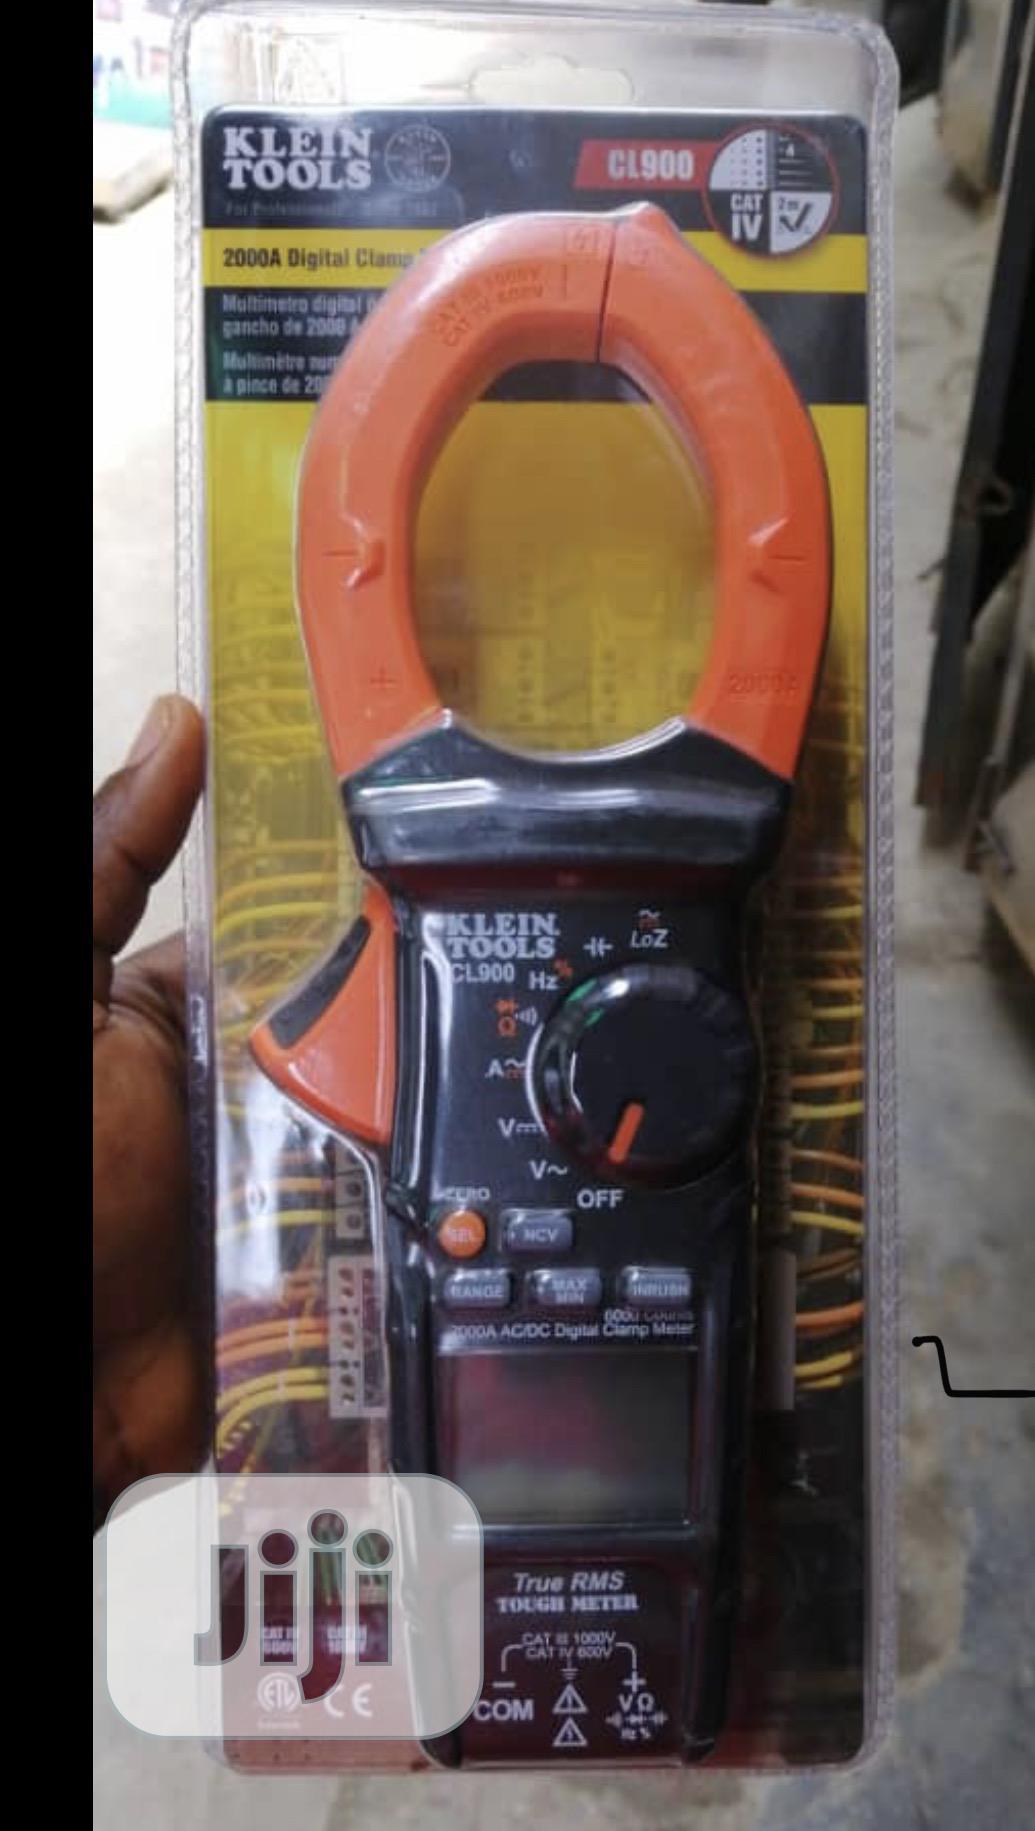 Digital Clamp Meter, Klein Tools CL900